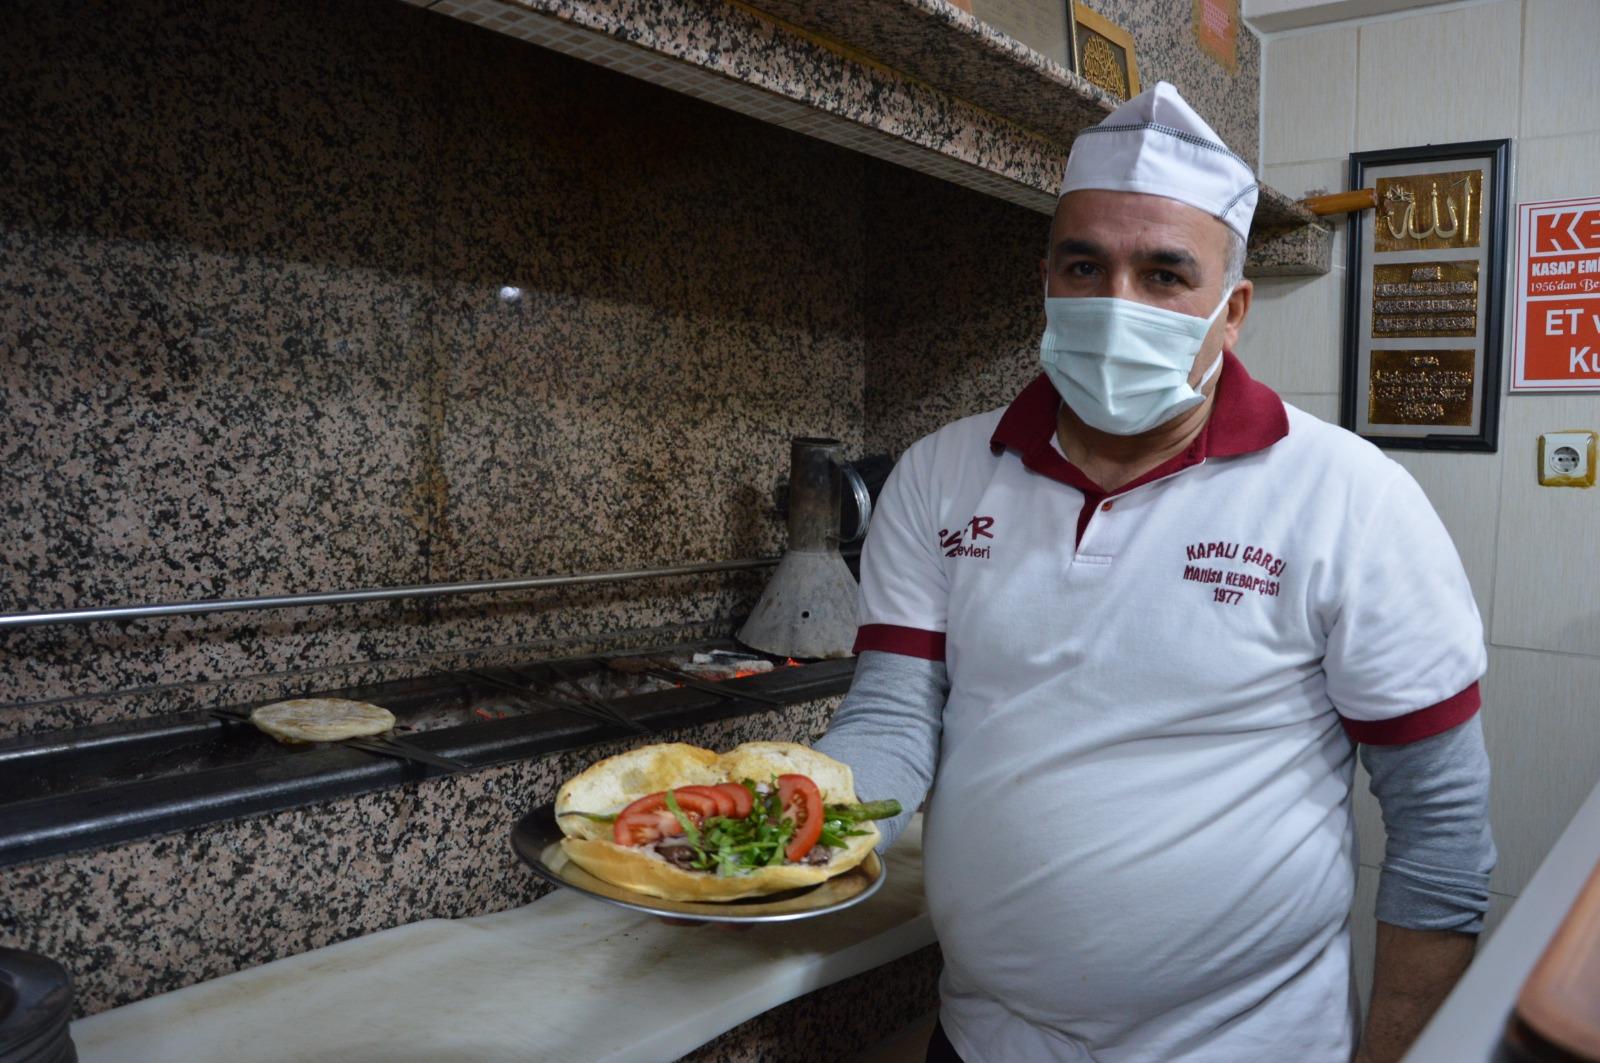 300 yıllık Manisa kebabı ekmek arasına girdi